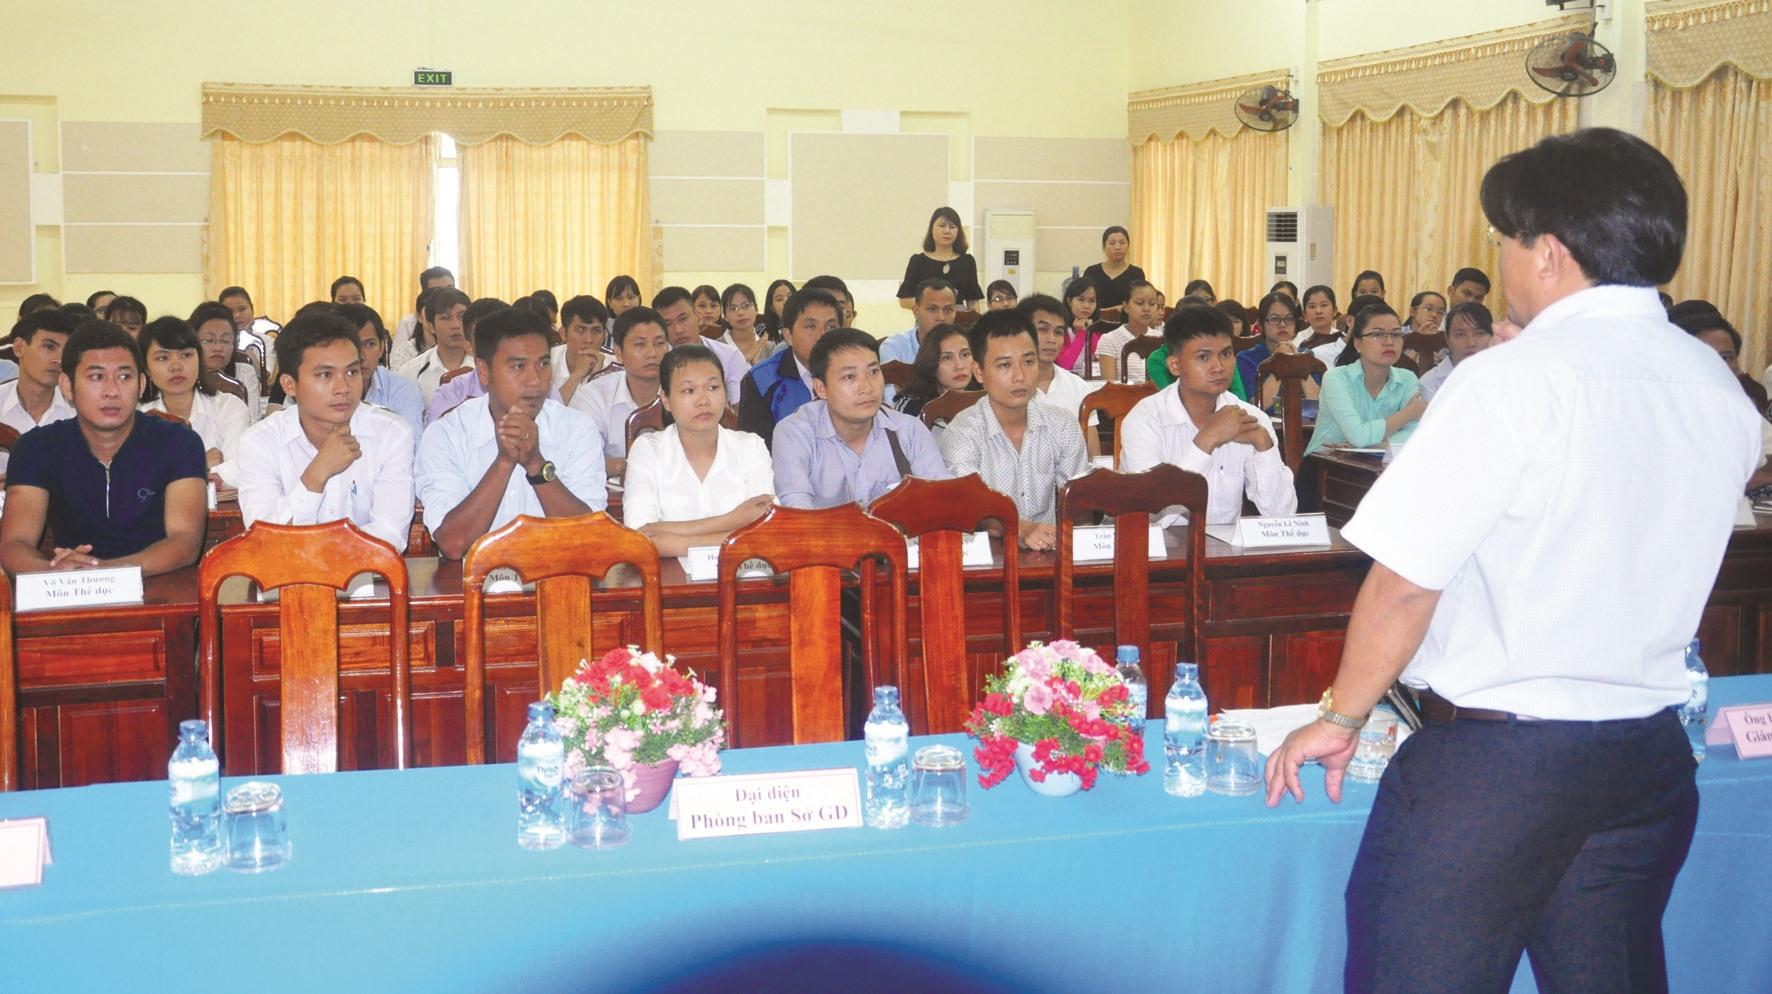 Phân công công tác theo hình thức giáo viên tự chọn trường được Sở GD-ĐT tổ chức năm 2016. Ảnh:X.P